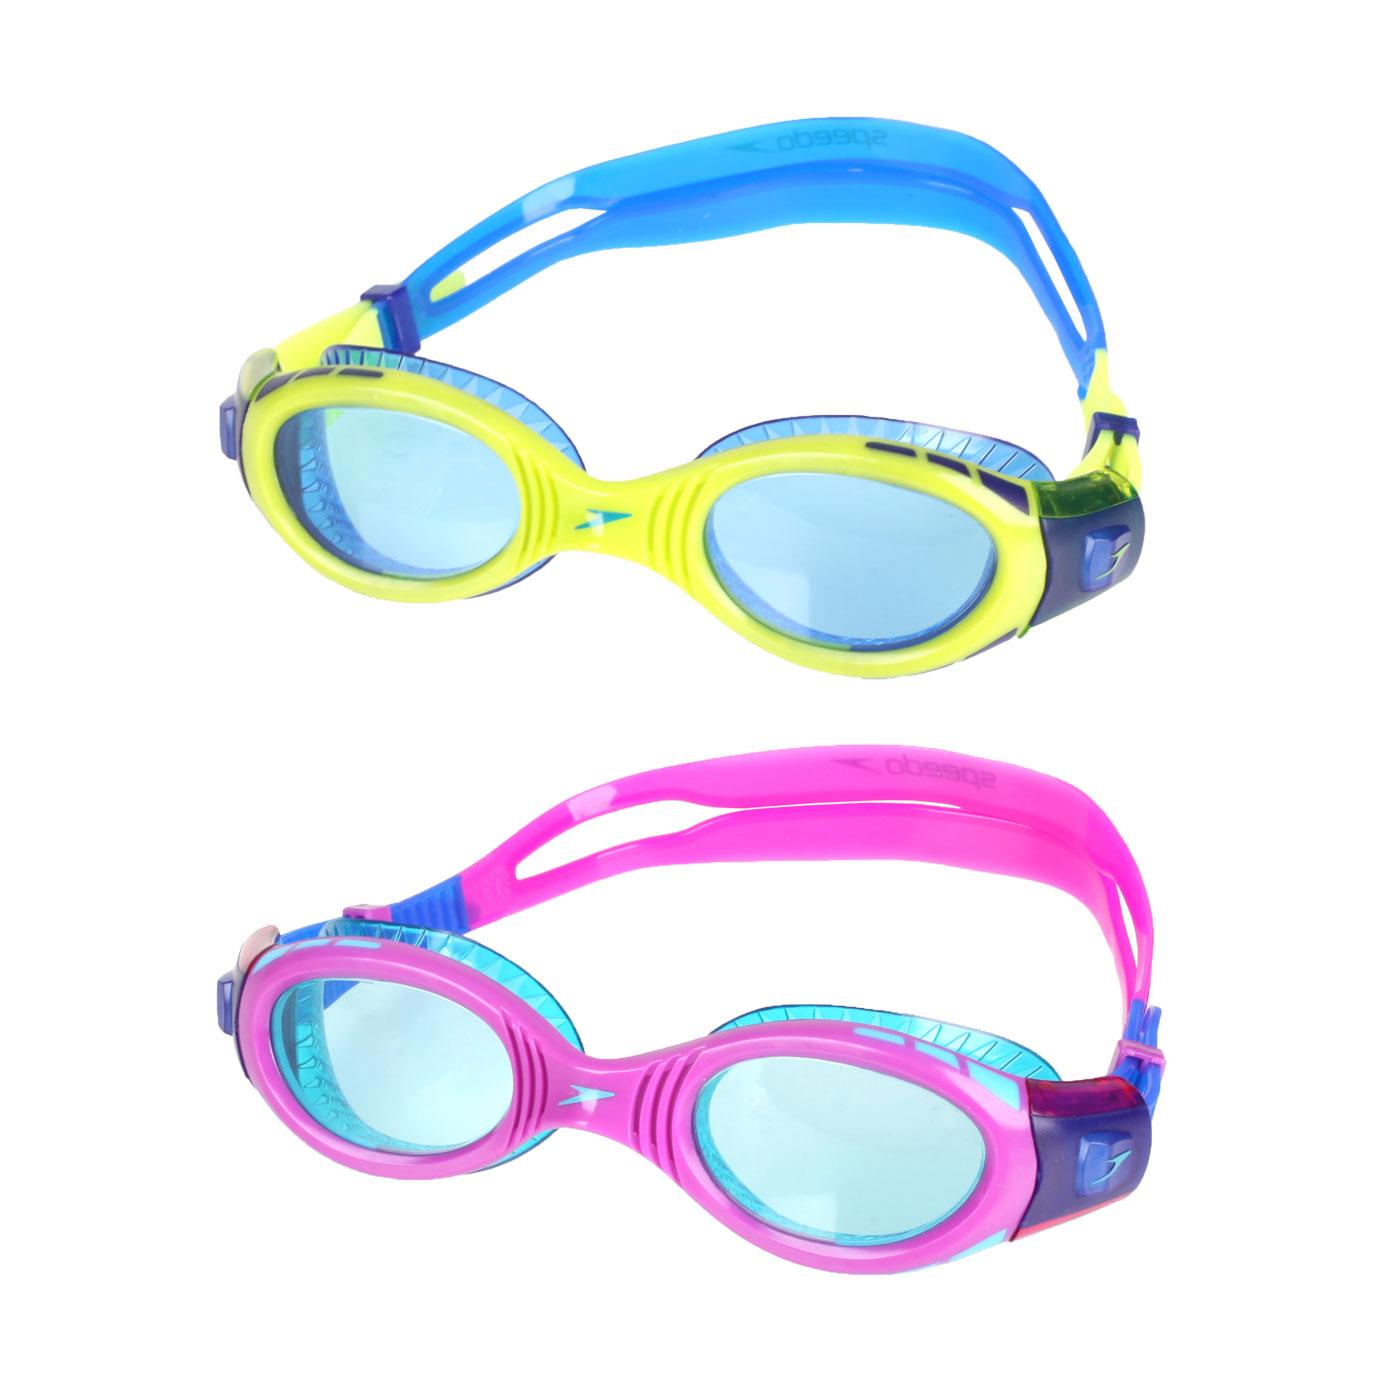 SPEEDO 兒童運動泳鏡 SD811595C585N